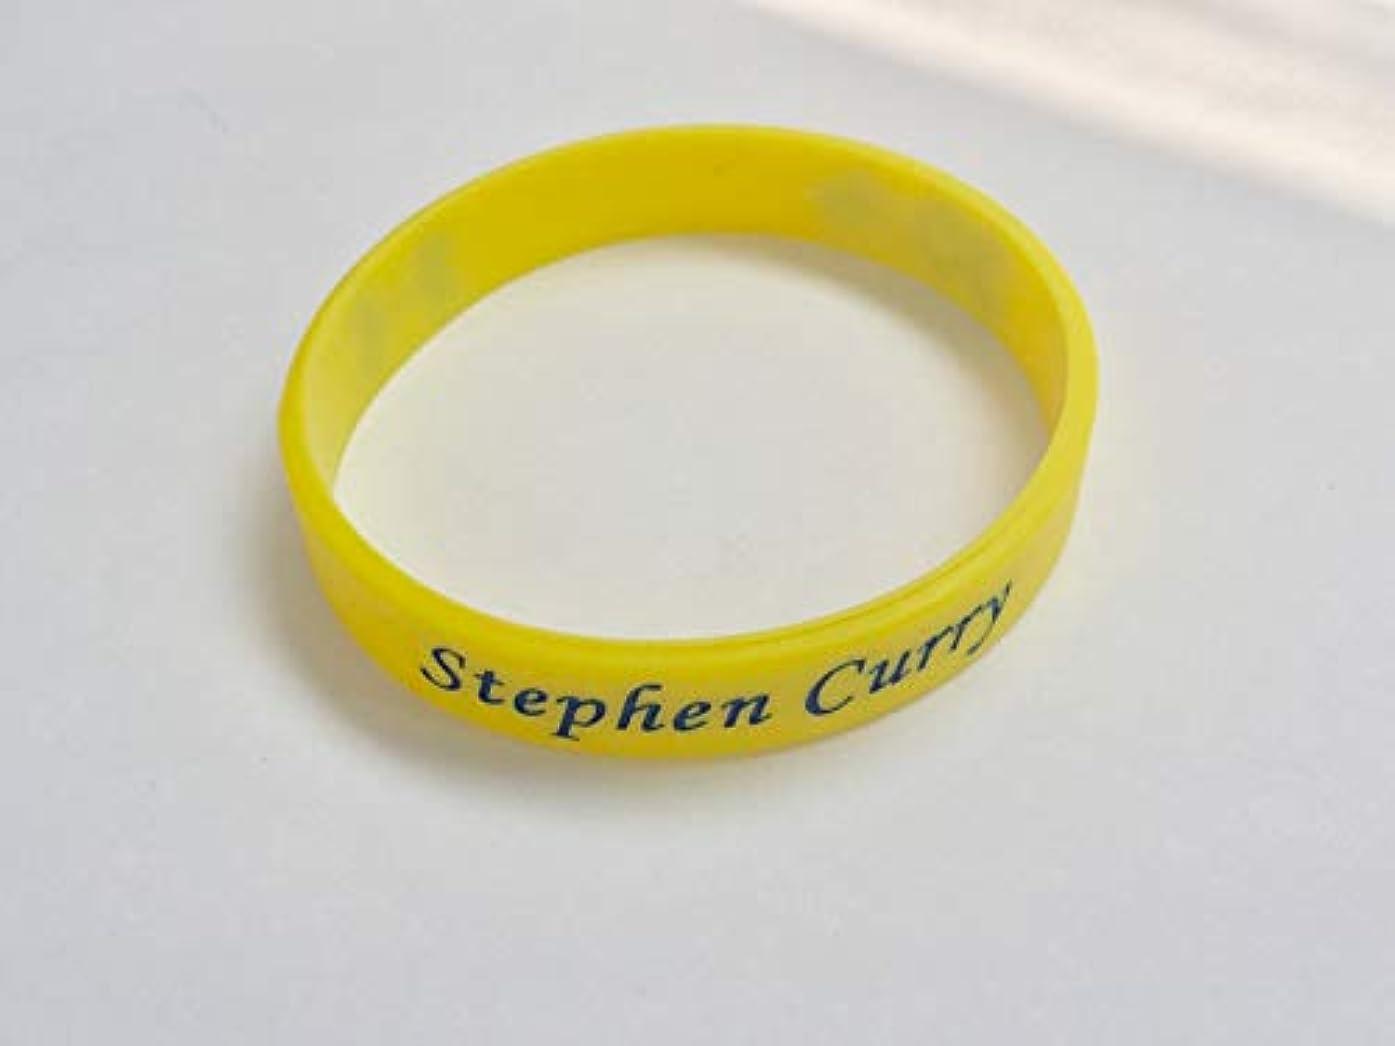 たくさんのバレル肉【数量限定】『ステファン ? カリー』 リストバンド / ブレスレット 5本(4+1)セット(Stephen Curry Silicone Wristband Bracelet 4Packs / NBA バスケットボール) [並行輸入品]